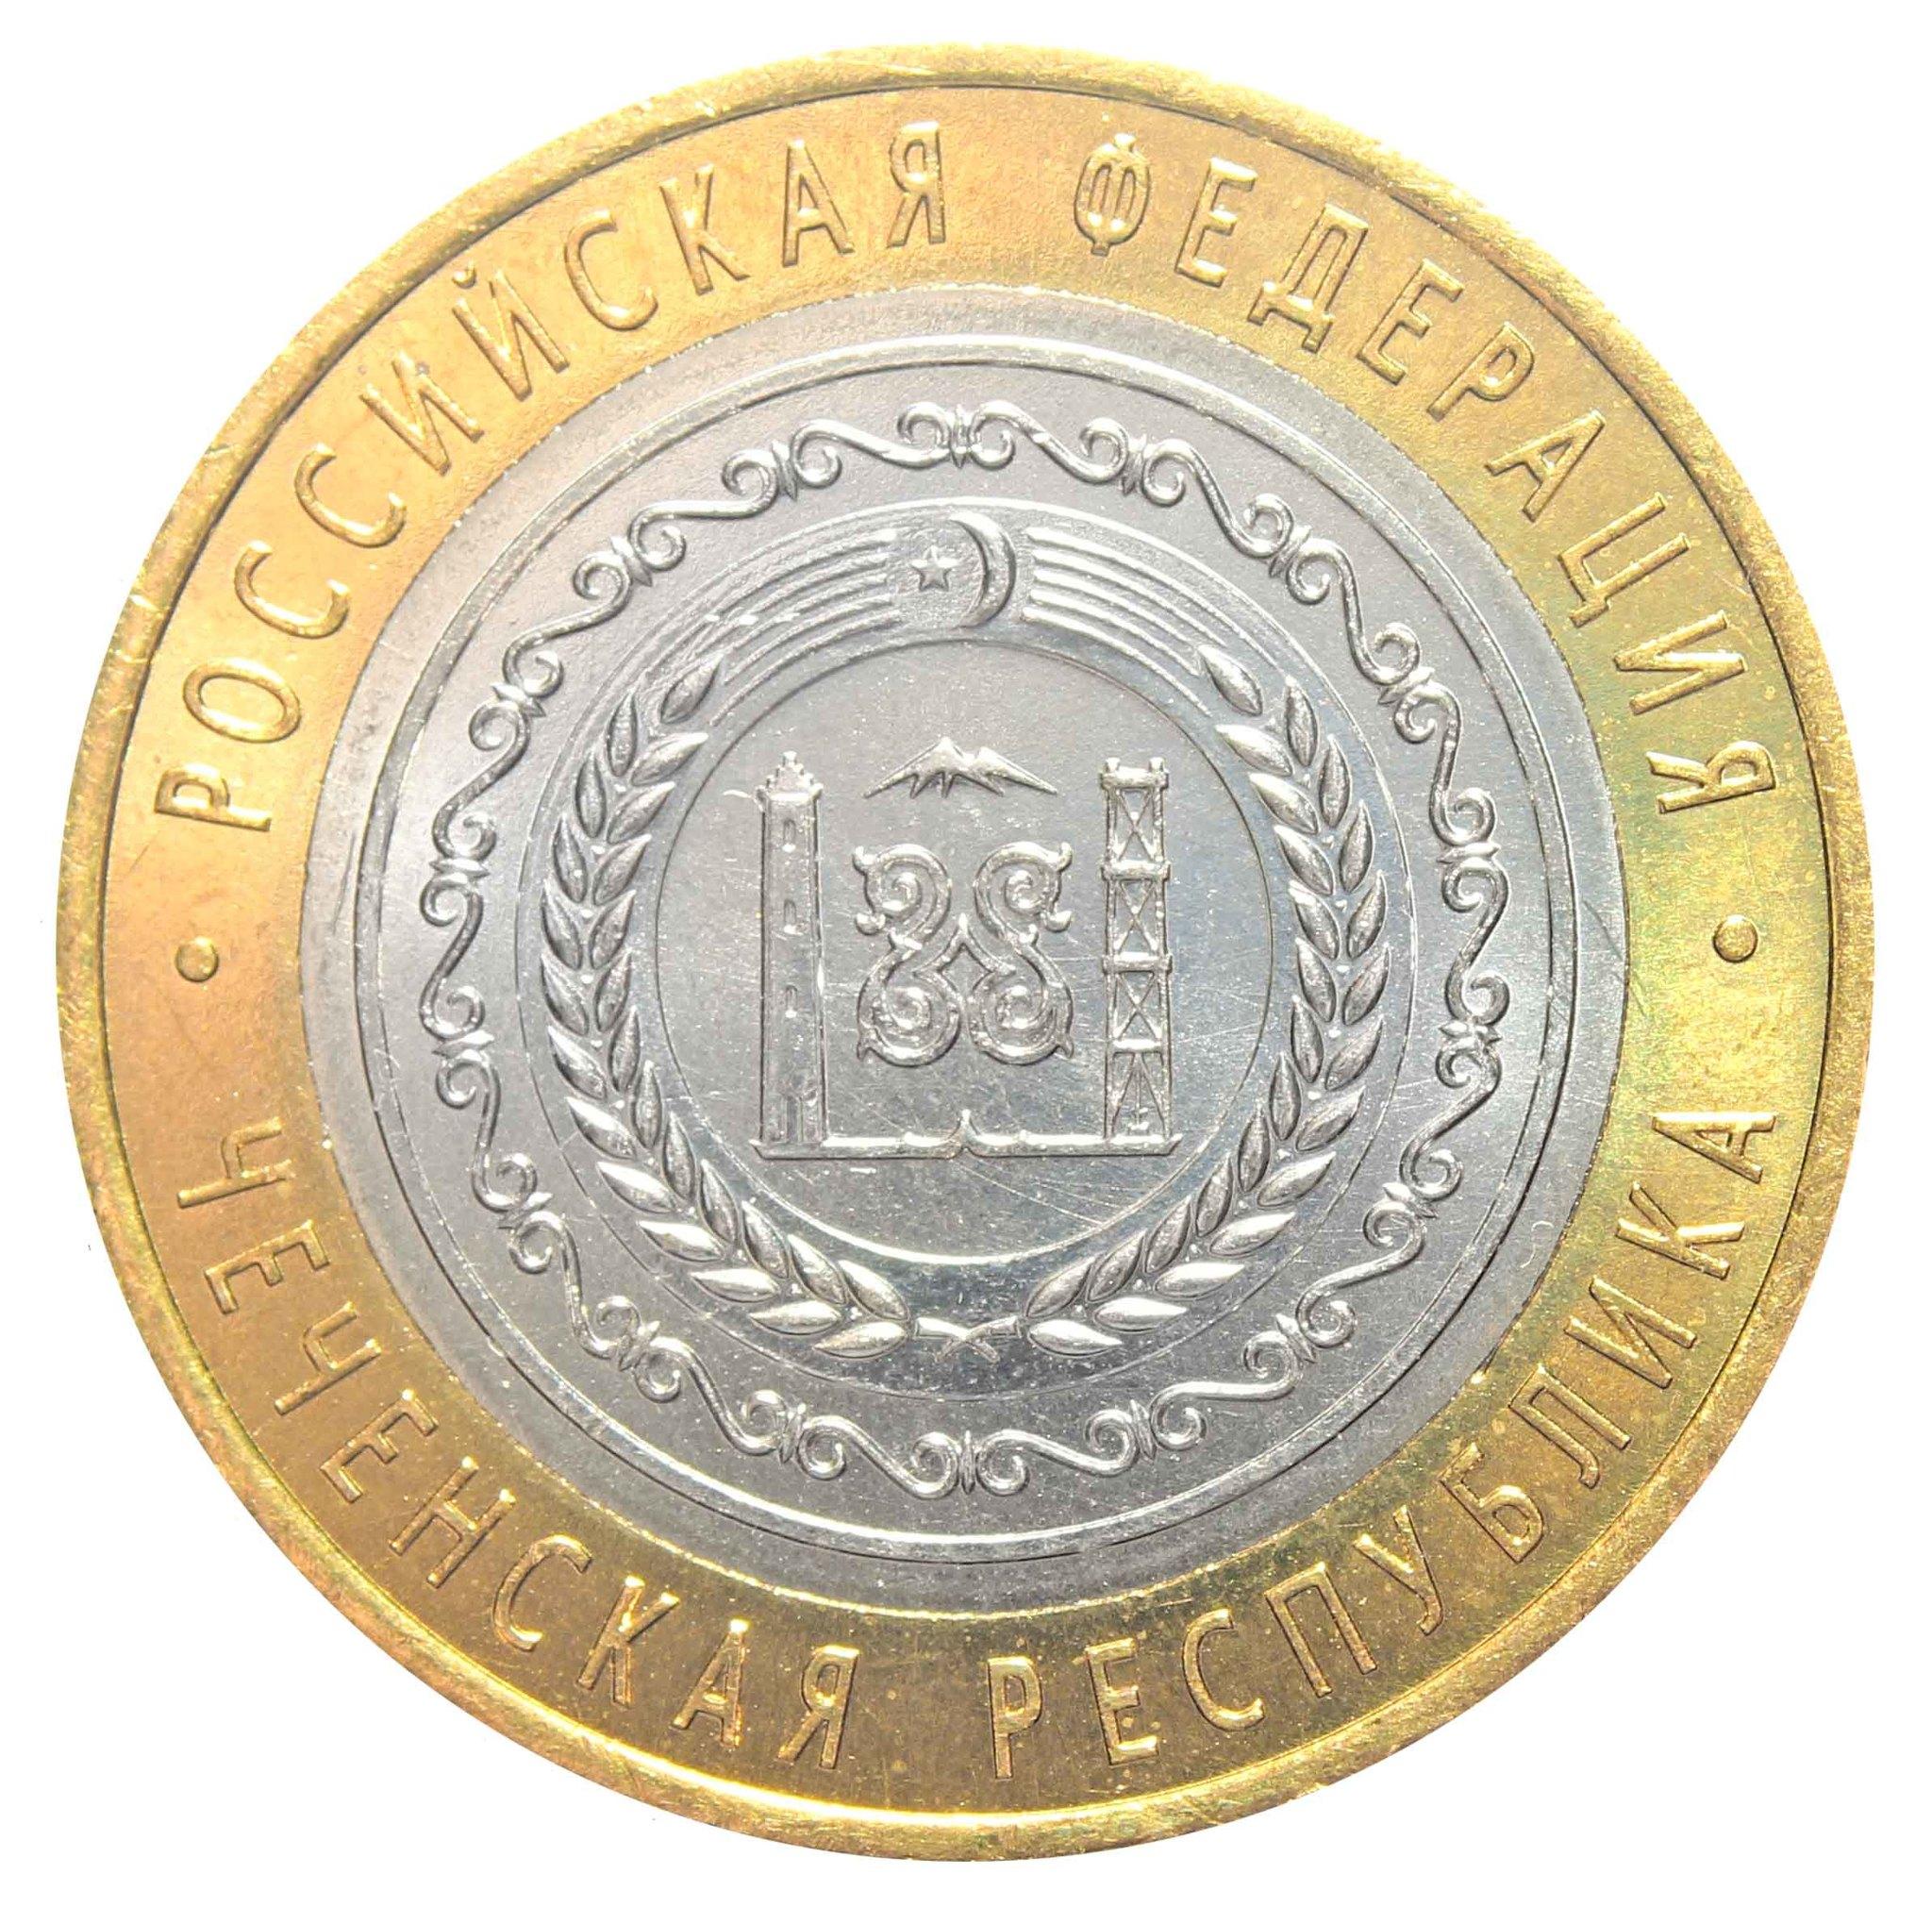 10 рублей Чеченская Республика 2010 г. UNC